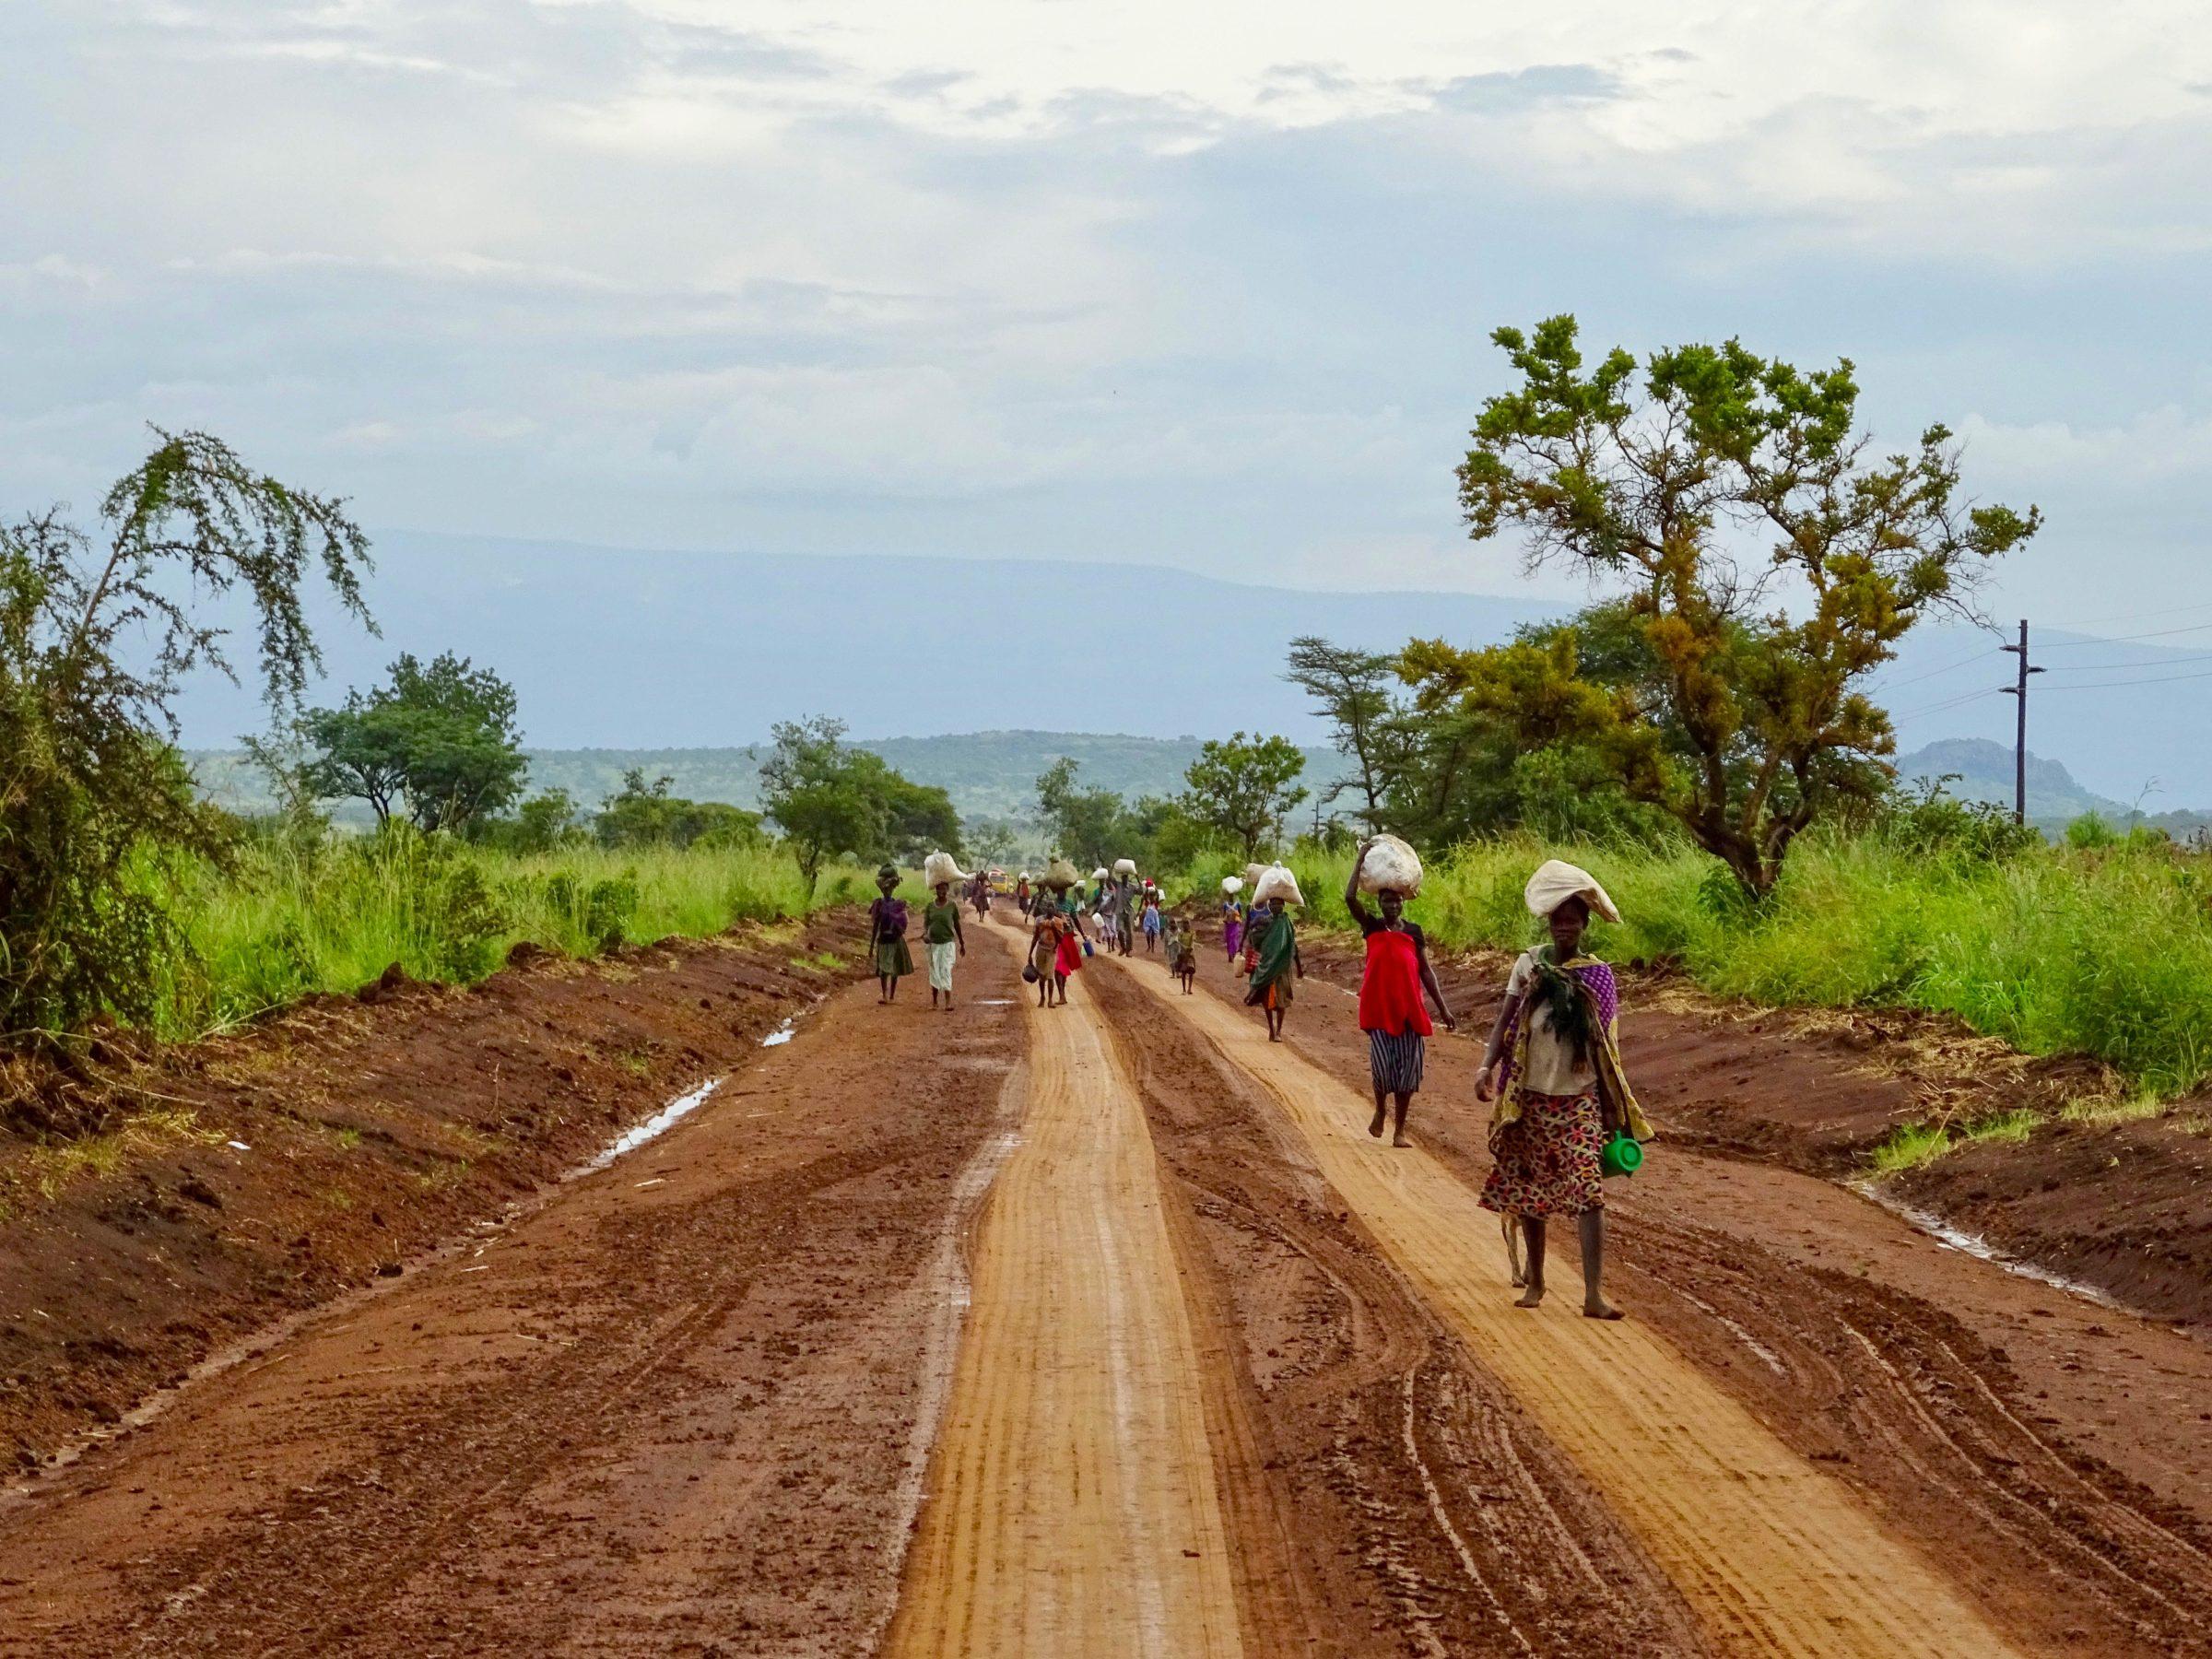 Karamojong vrouwen keren huiswaarts in Pian Upe Wildlife Reserve